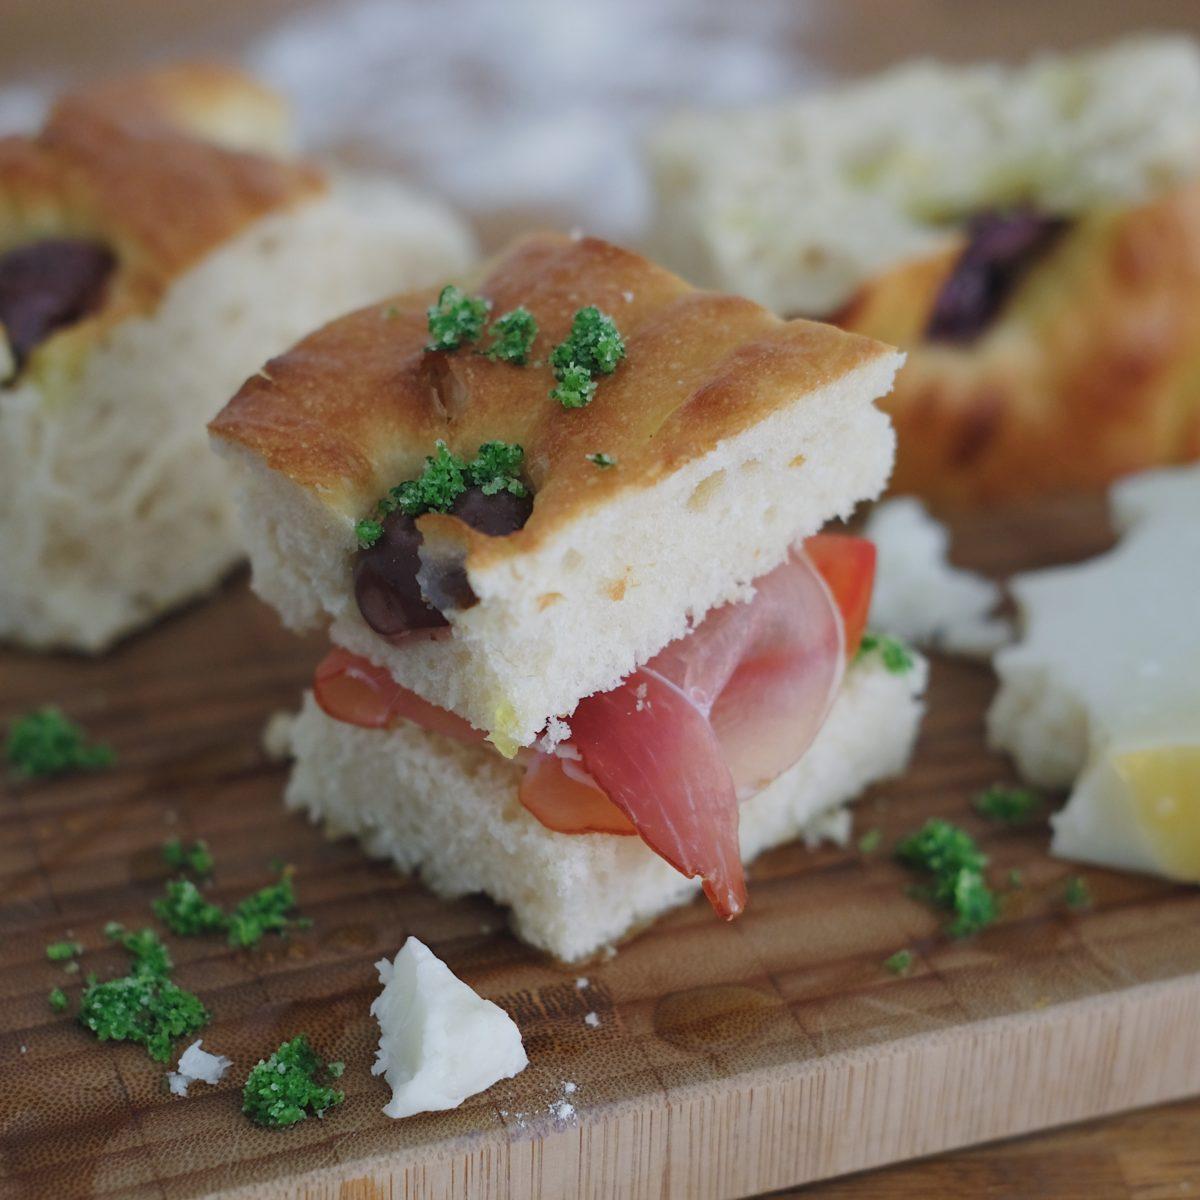 Jednoduchý svetlý chlieb solivami